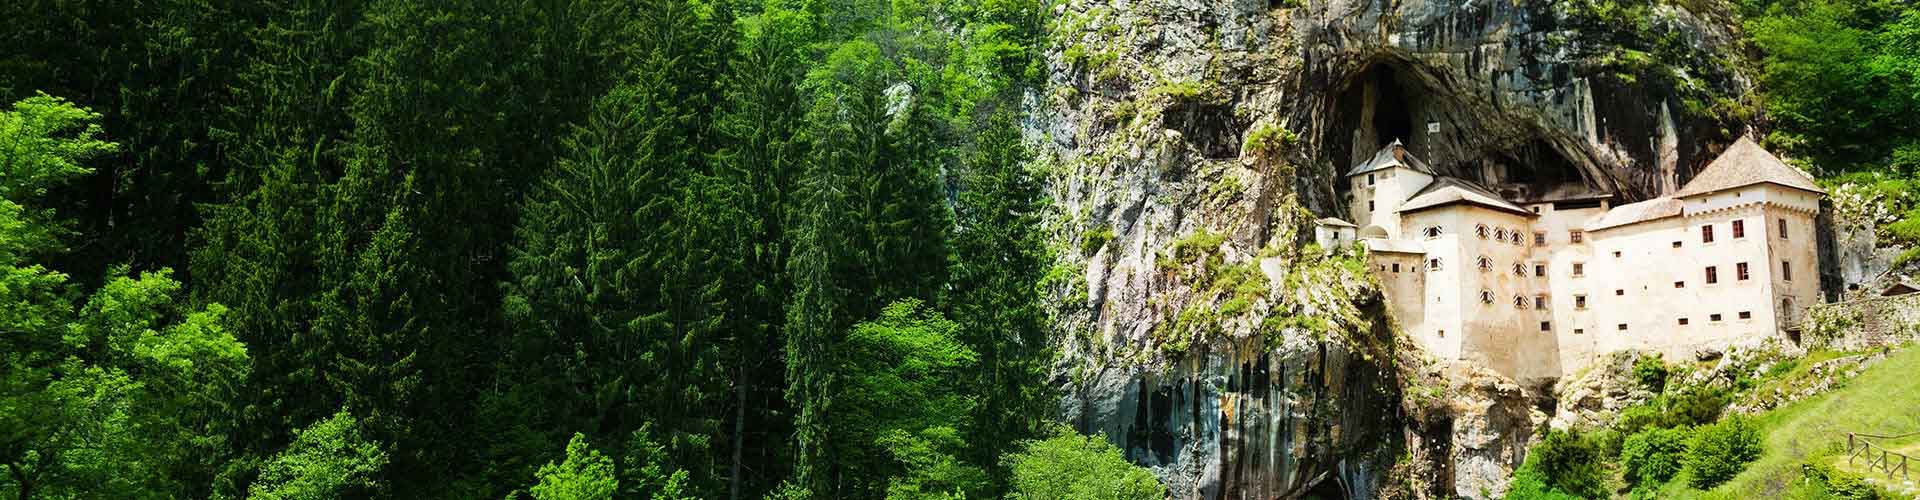 Postojna - Camping à Postojna. Cartes pour Postojna, photos et commentaires pour chaque Camping à Postojna.